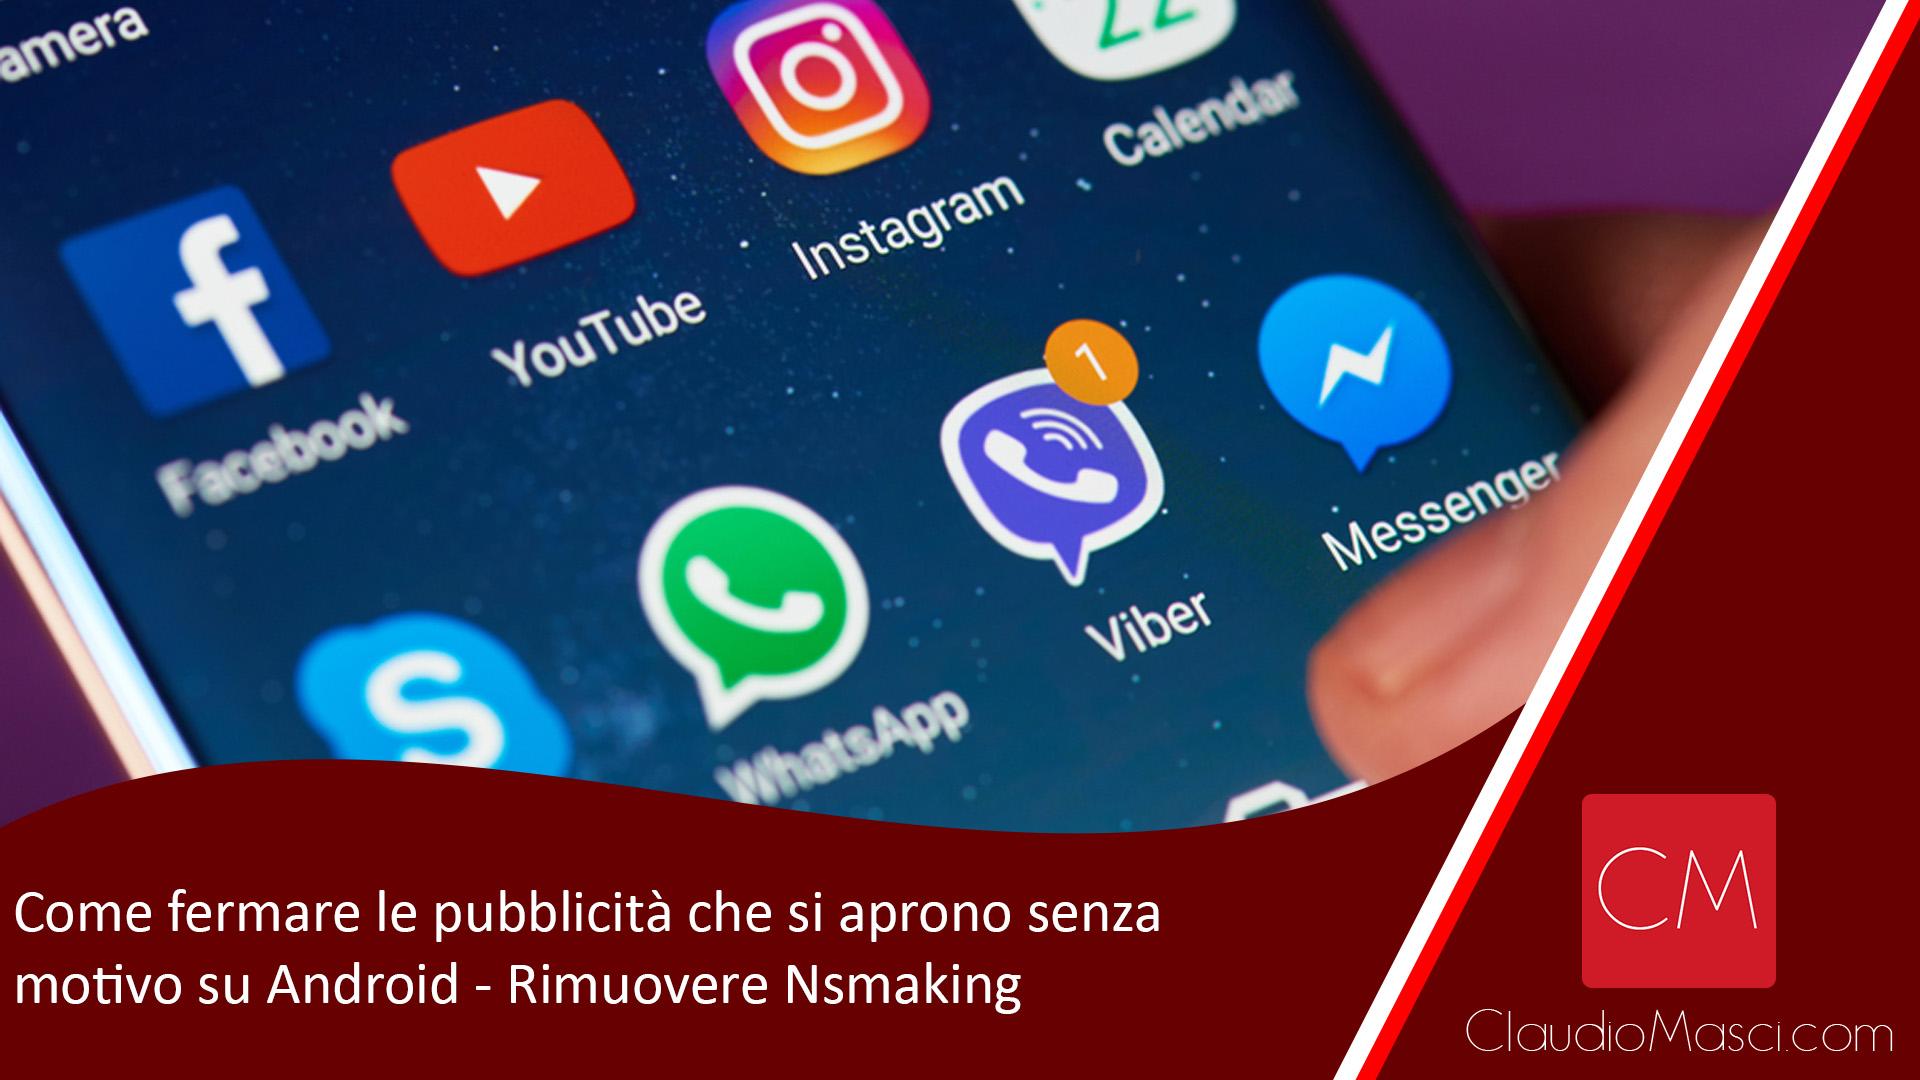 Come fermare le pubblicità che si aprono senza motivo su Android – Rimuovere Nsmaking